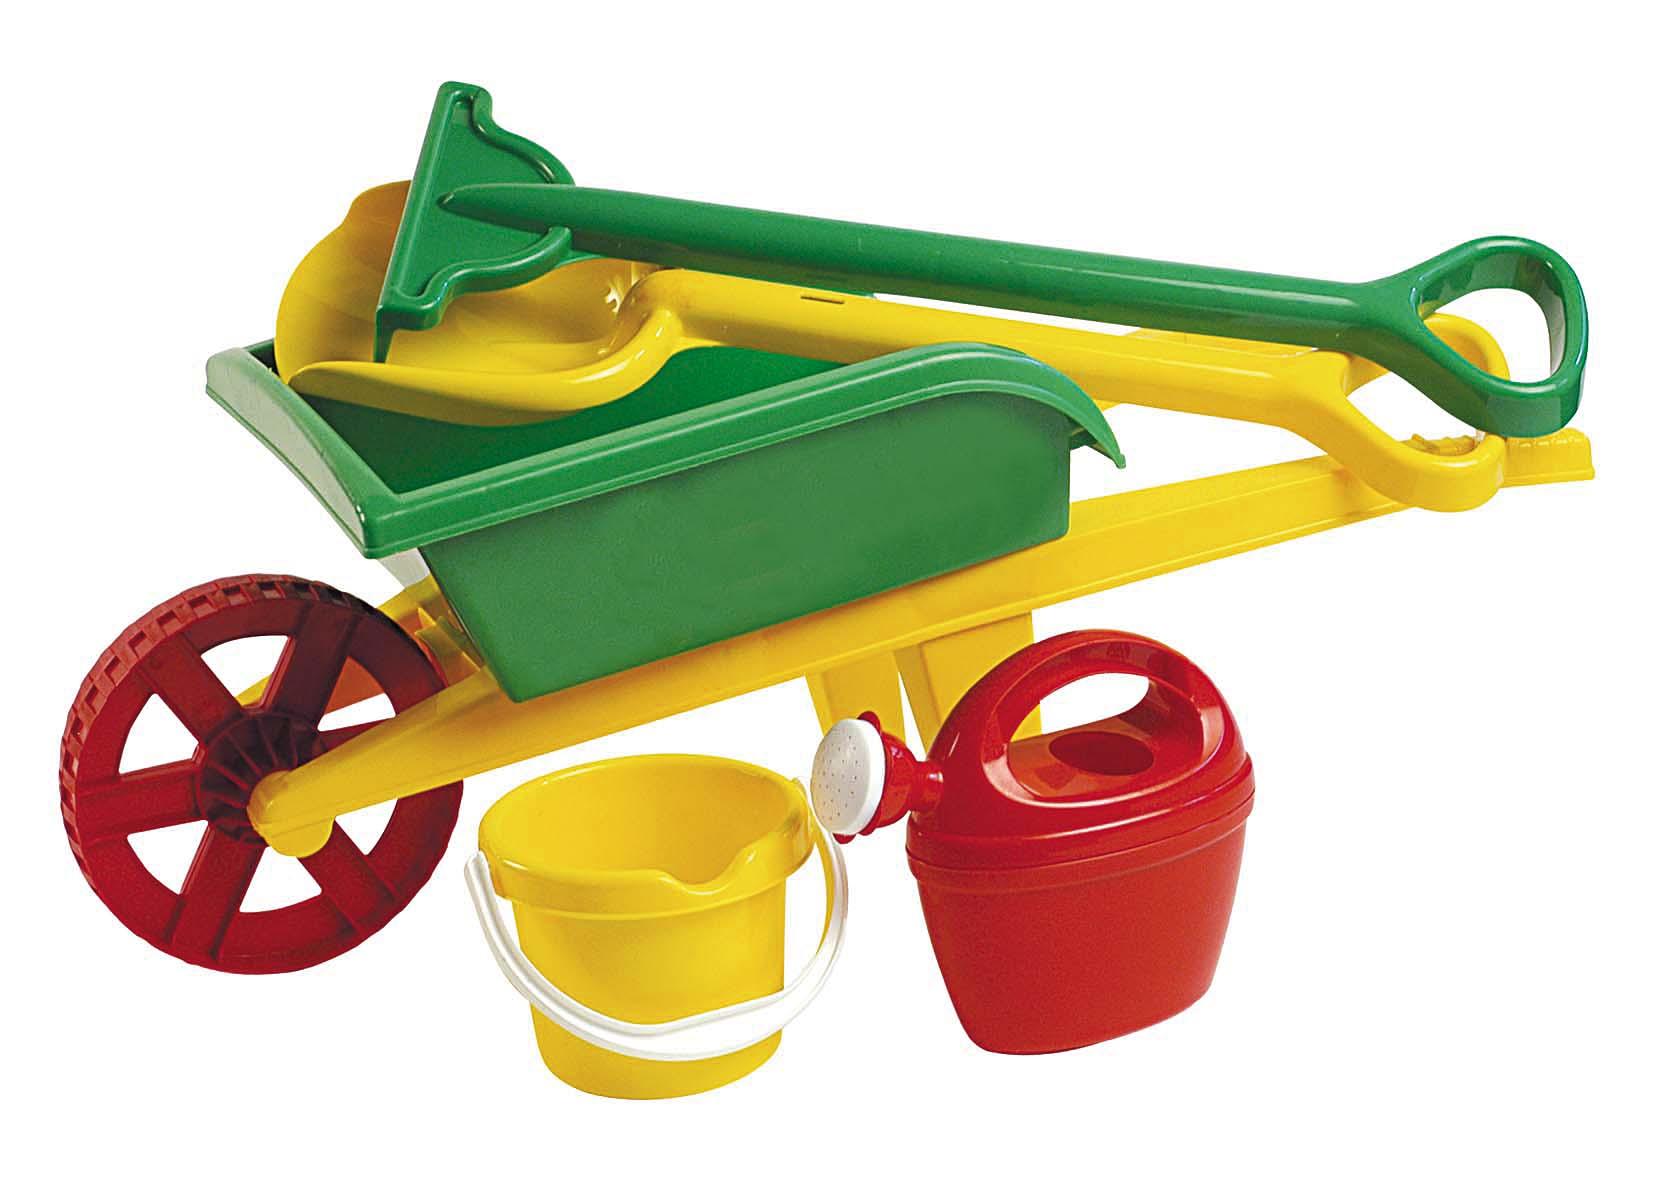 Carriola con set giardino - androni giocattoli - marche - ALTRO